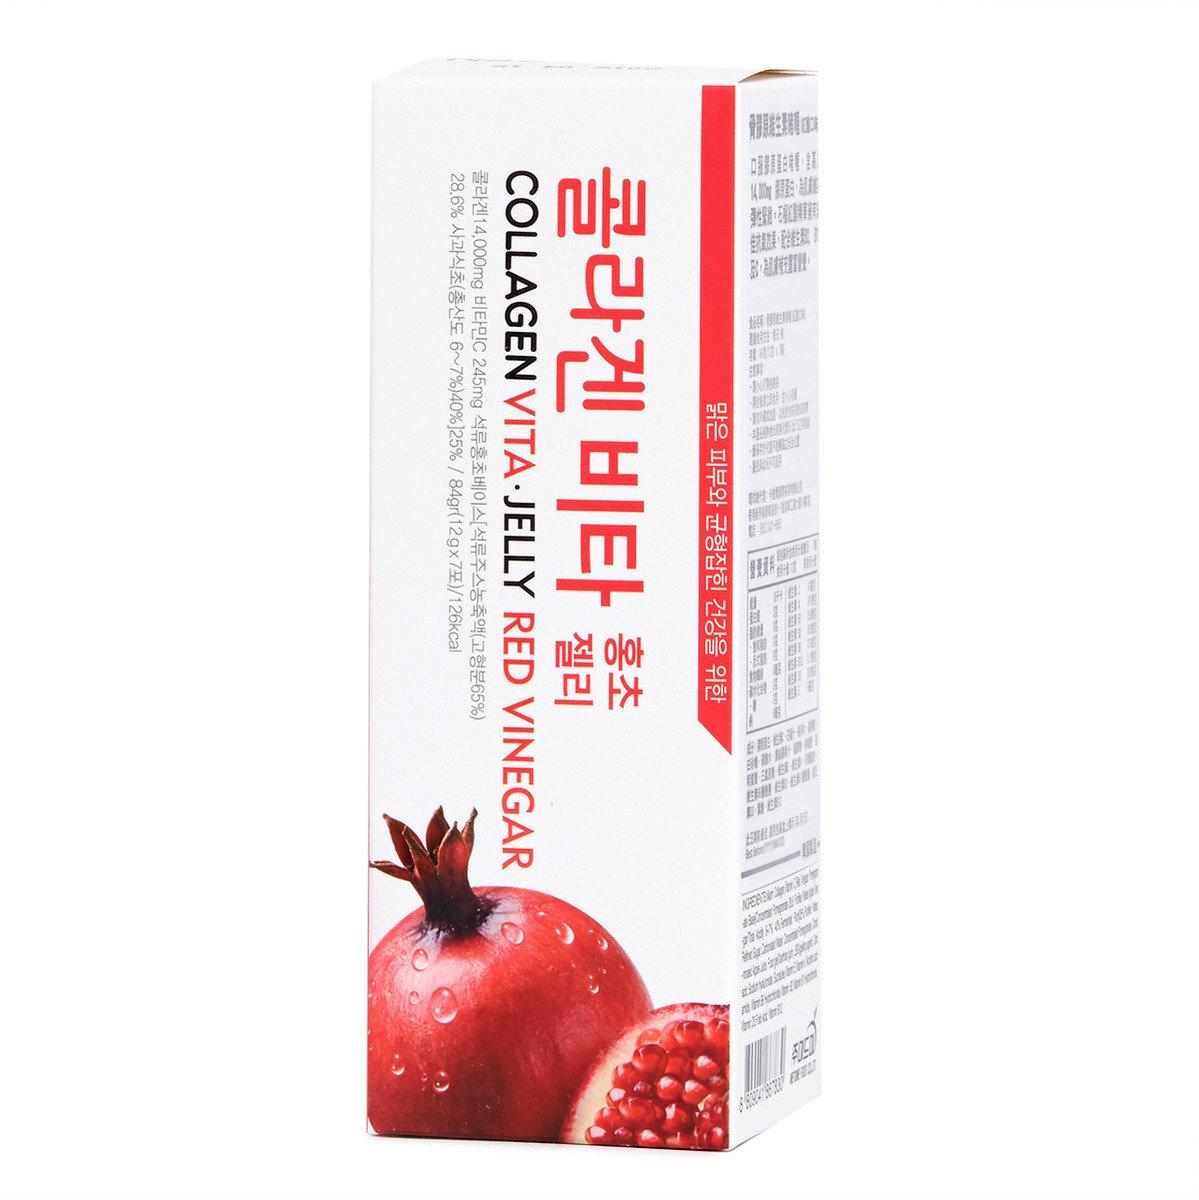 紅醋骨膠原啫喱